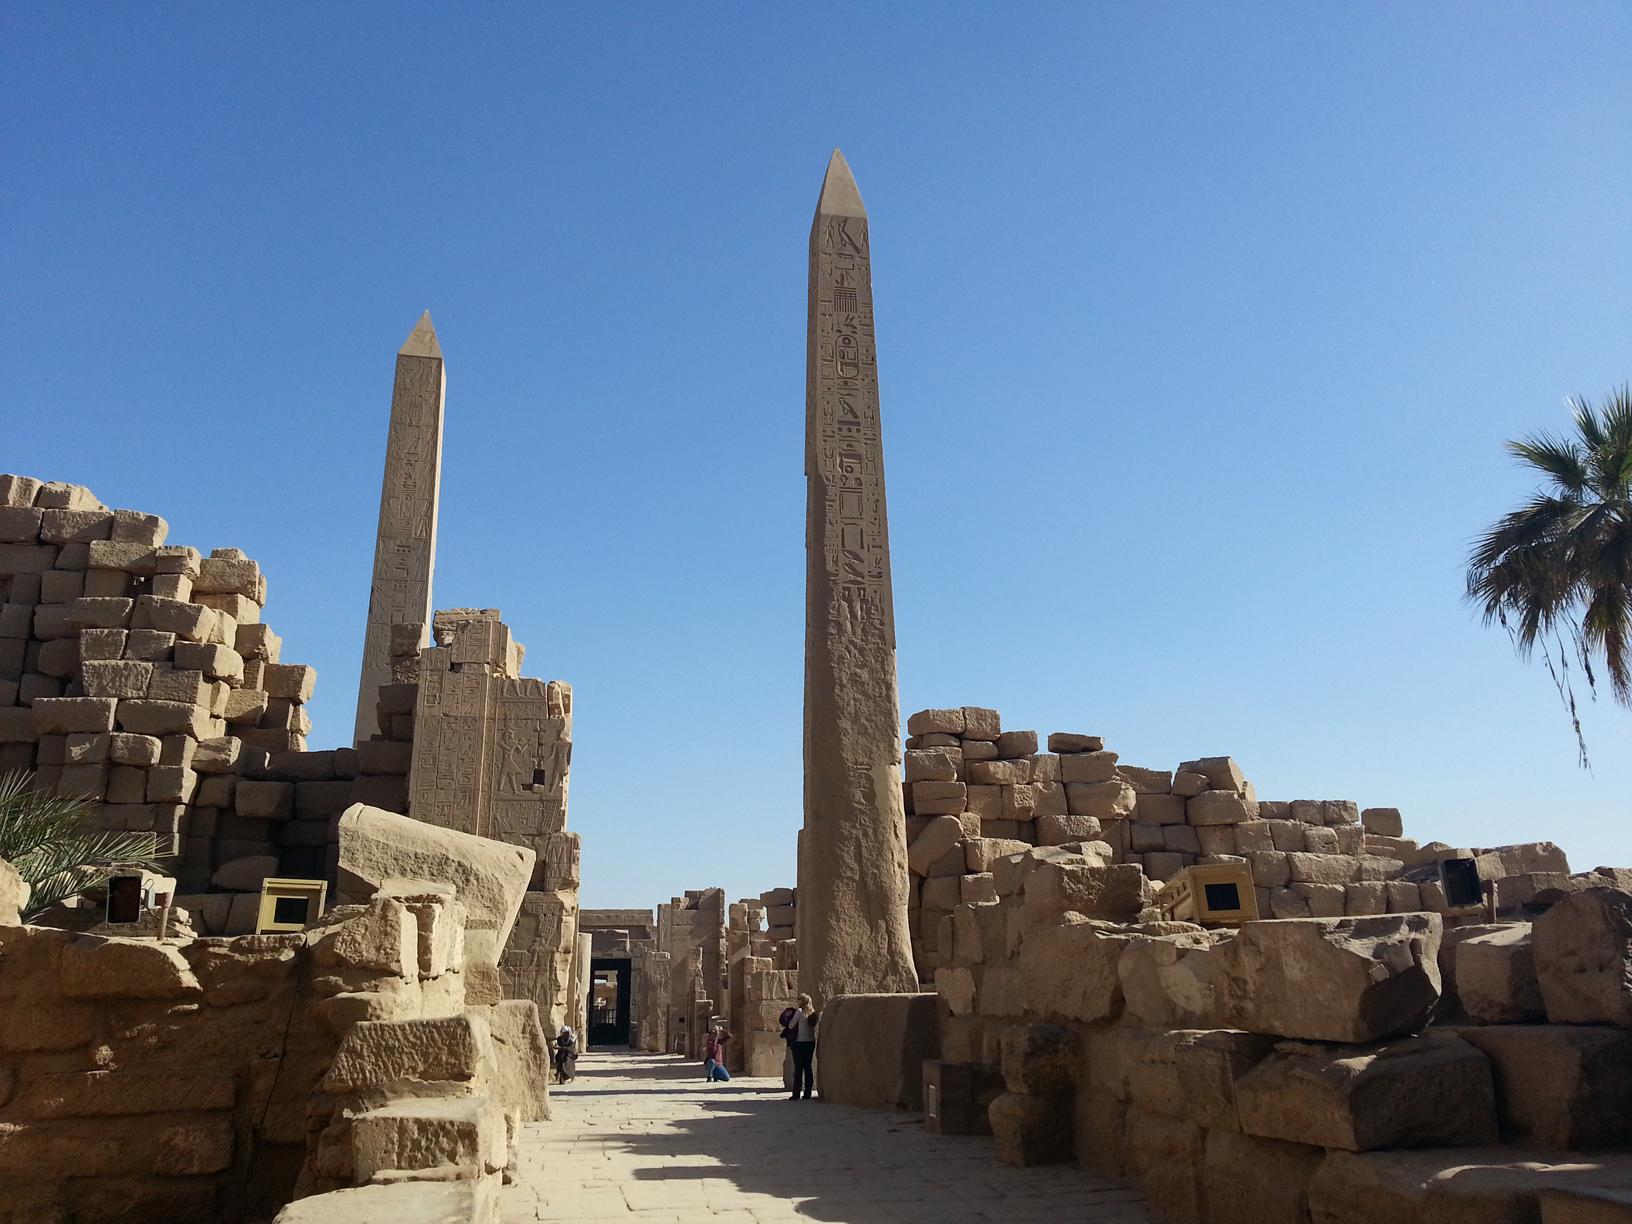 Escursione al tempio di Karnak da Sharm el Sheikh